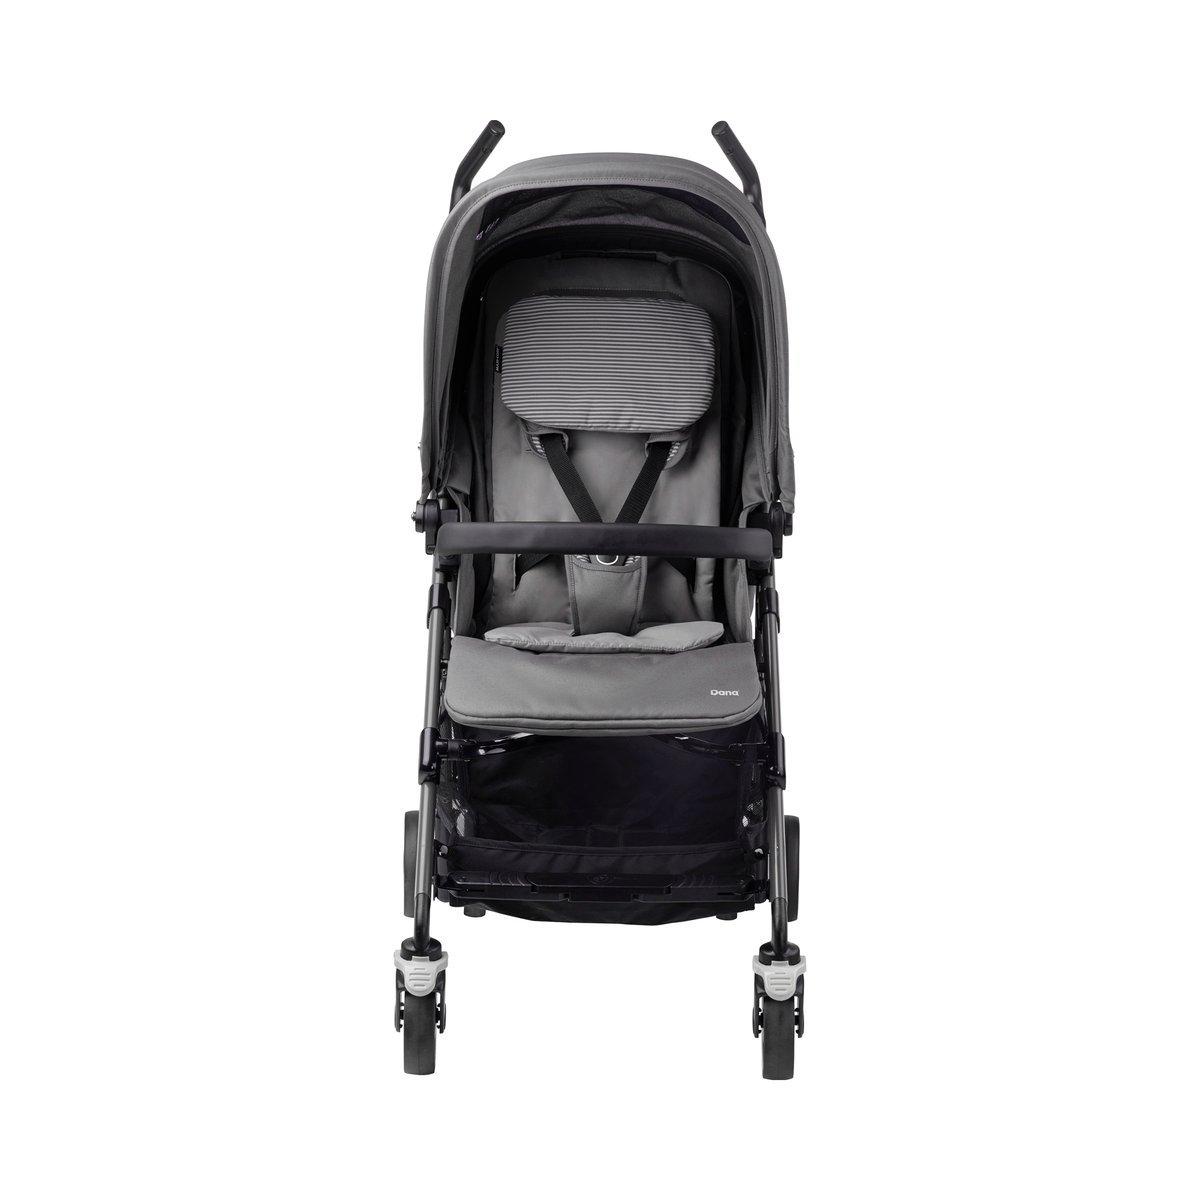 Maxi-Cosi Dana para cochecito (con asiento y derecho de nacimiento - Compacto y tipo A Su - Silla plegable (ligera) marrón marrón: Amazon.es: Bebé